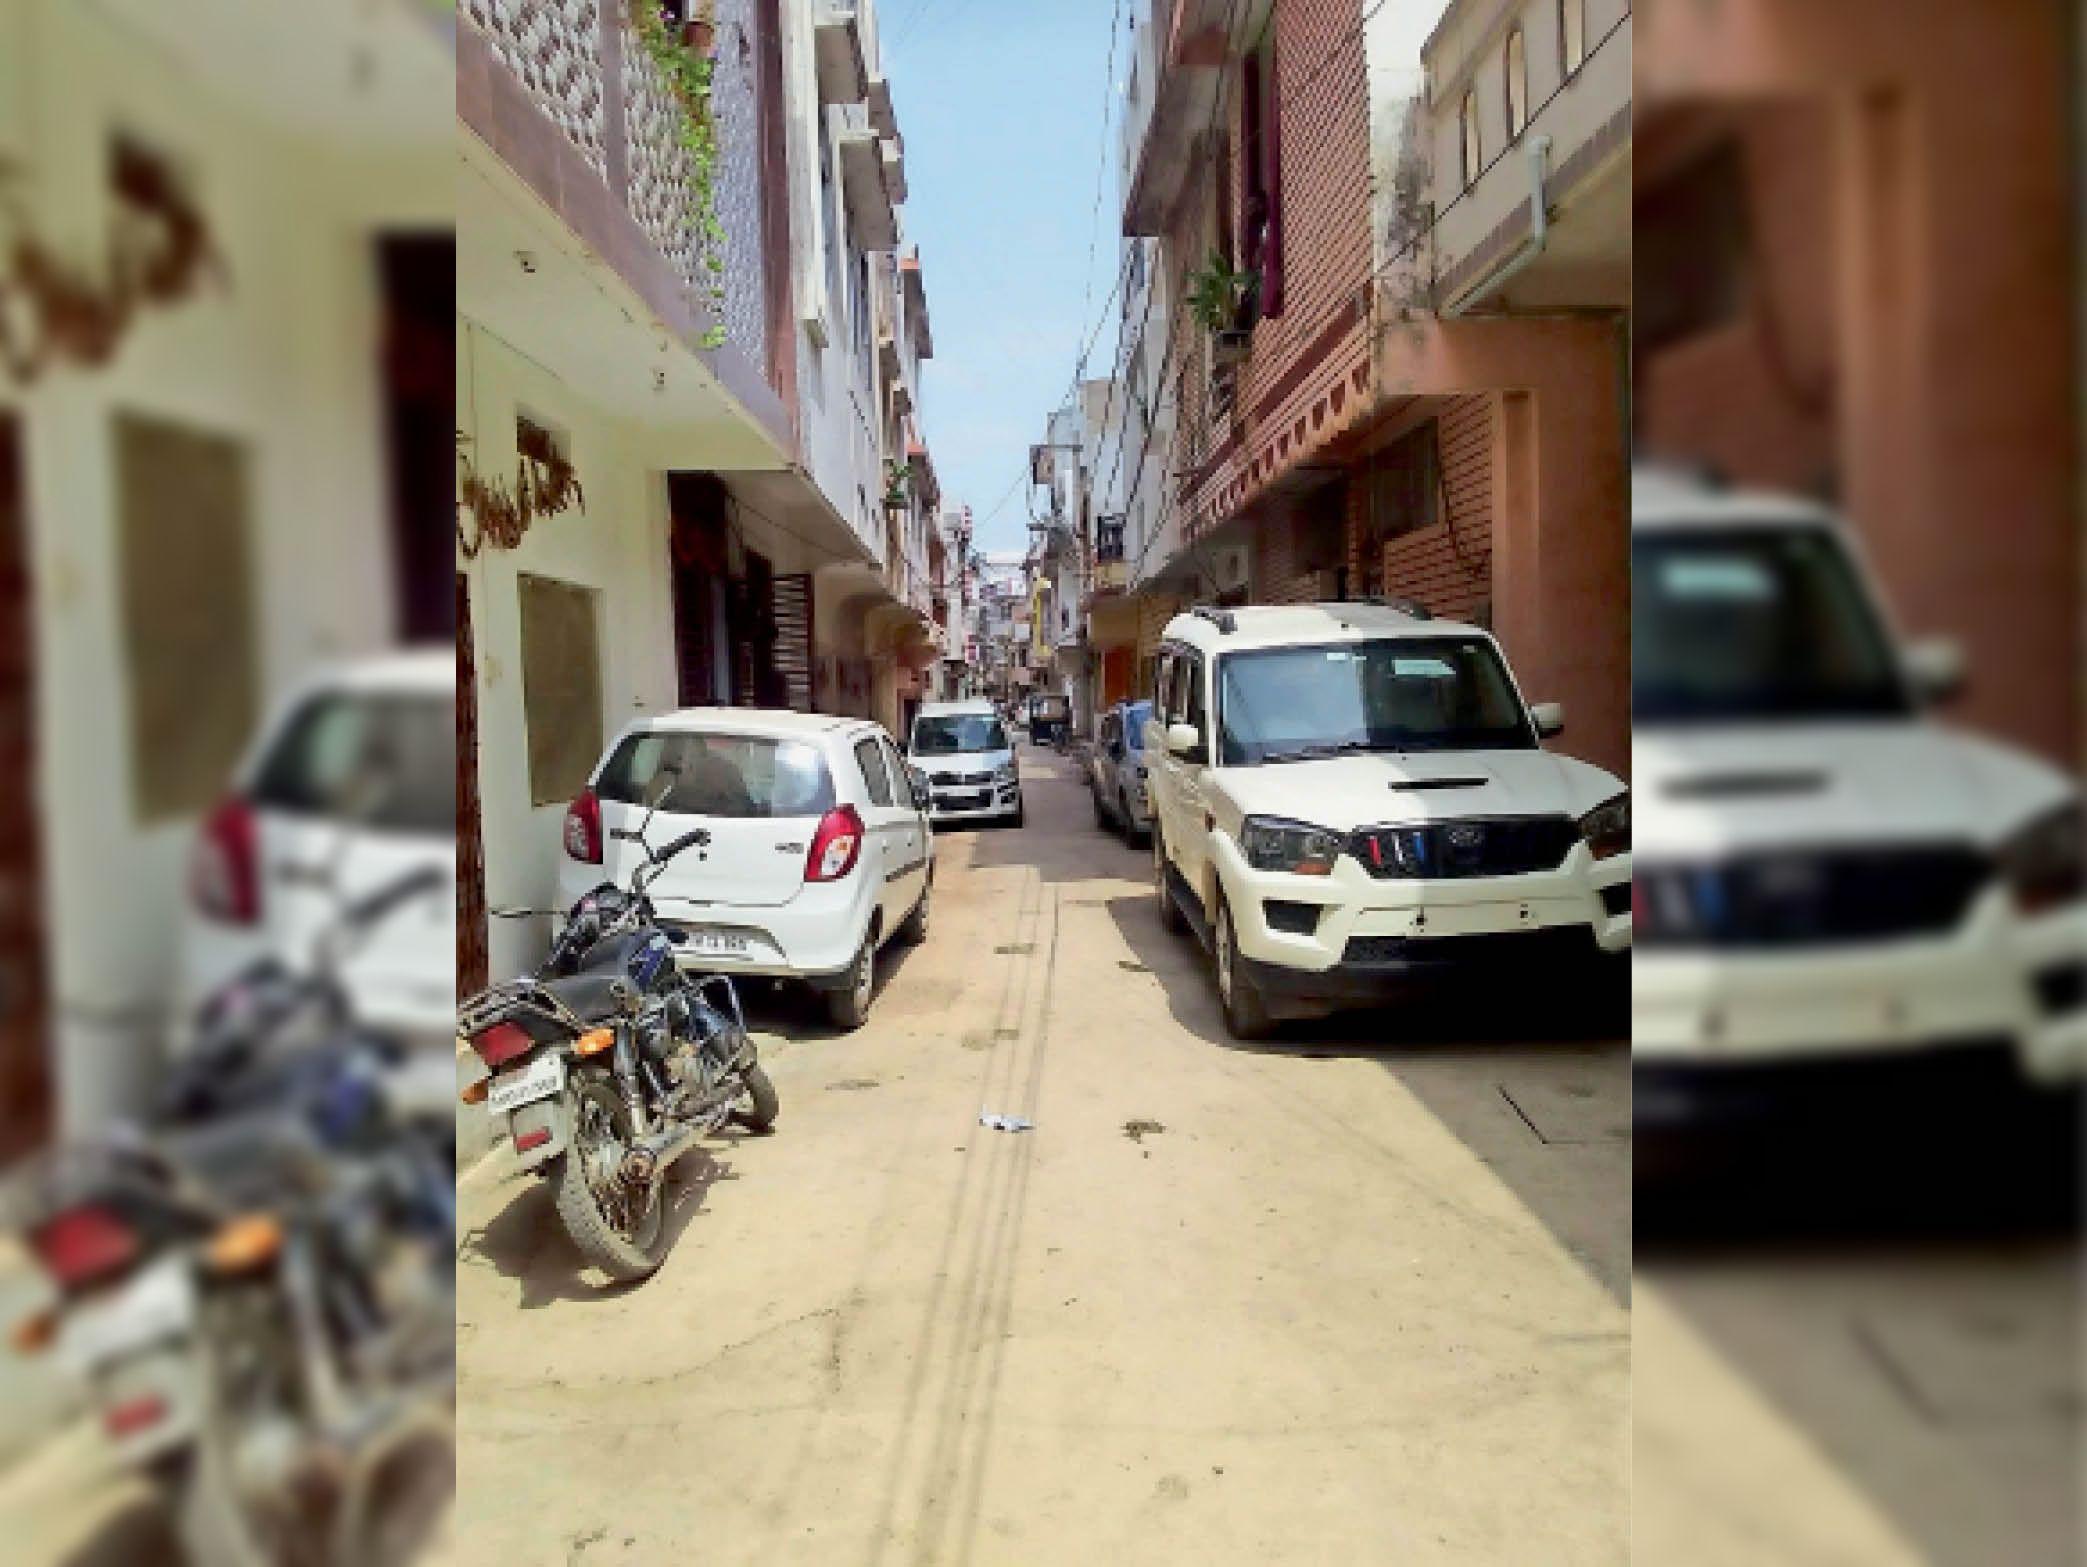 गलियों में अवैध रूप से दोपहिया व चार पहियों की पार्किंग बनी गई अब लोगों की समस्या - Dainik Bhaskar